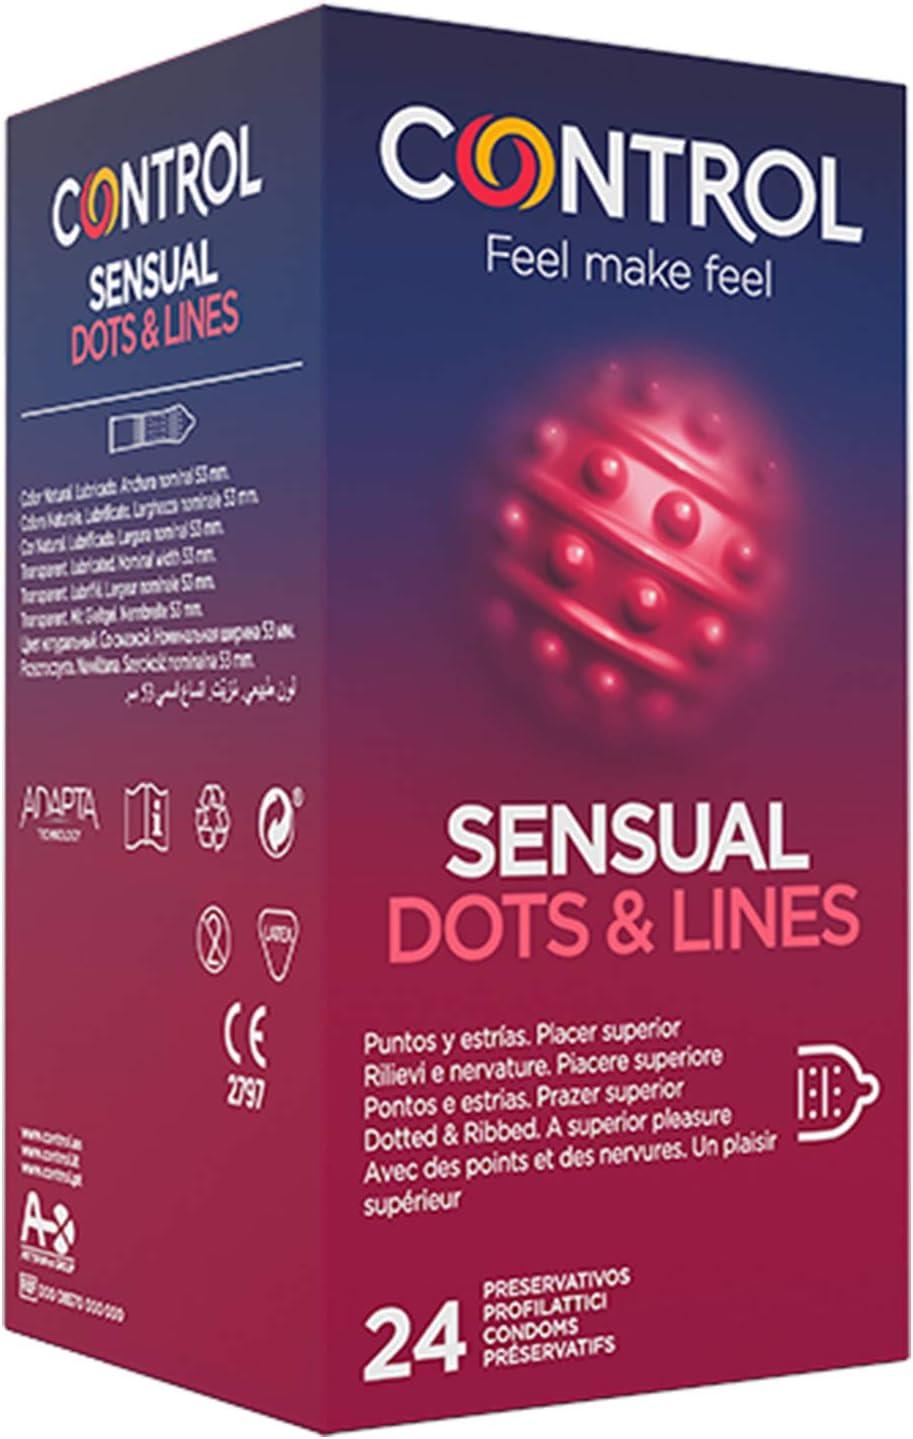 Control Sensual Dot&lines Preservativos - Caja de Condones con Puntos y Estrías, 24 Unidades (Pack Ahorro)